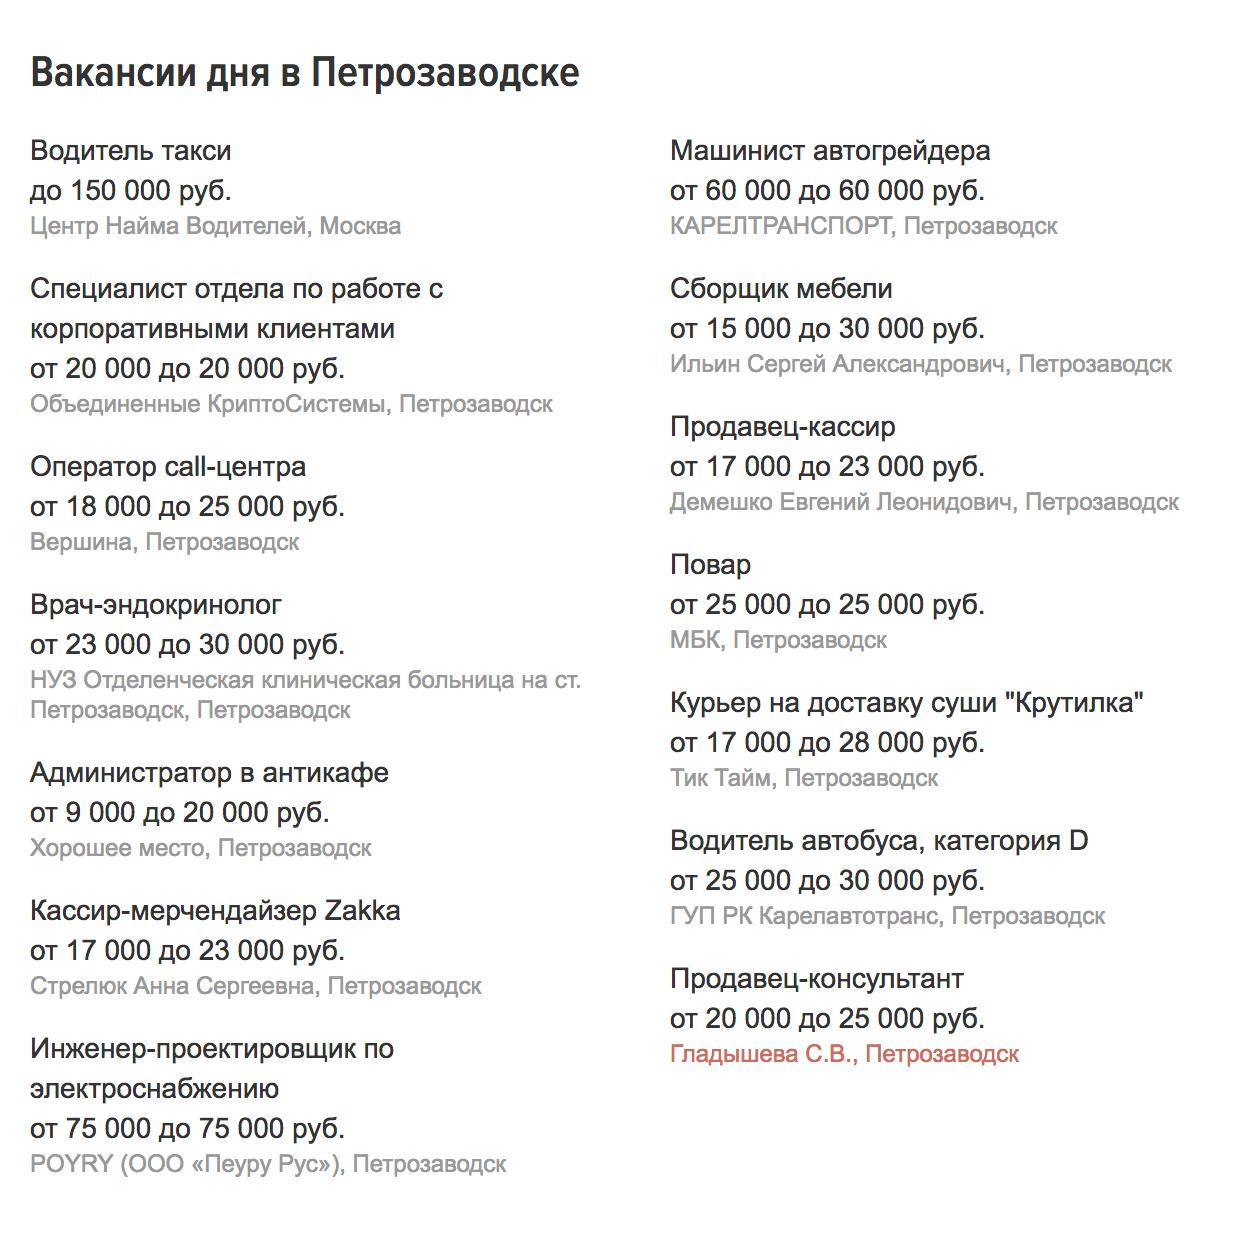 Зарплаты на «Хедхантере» начинаются от 20 тысяч рублей